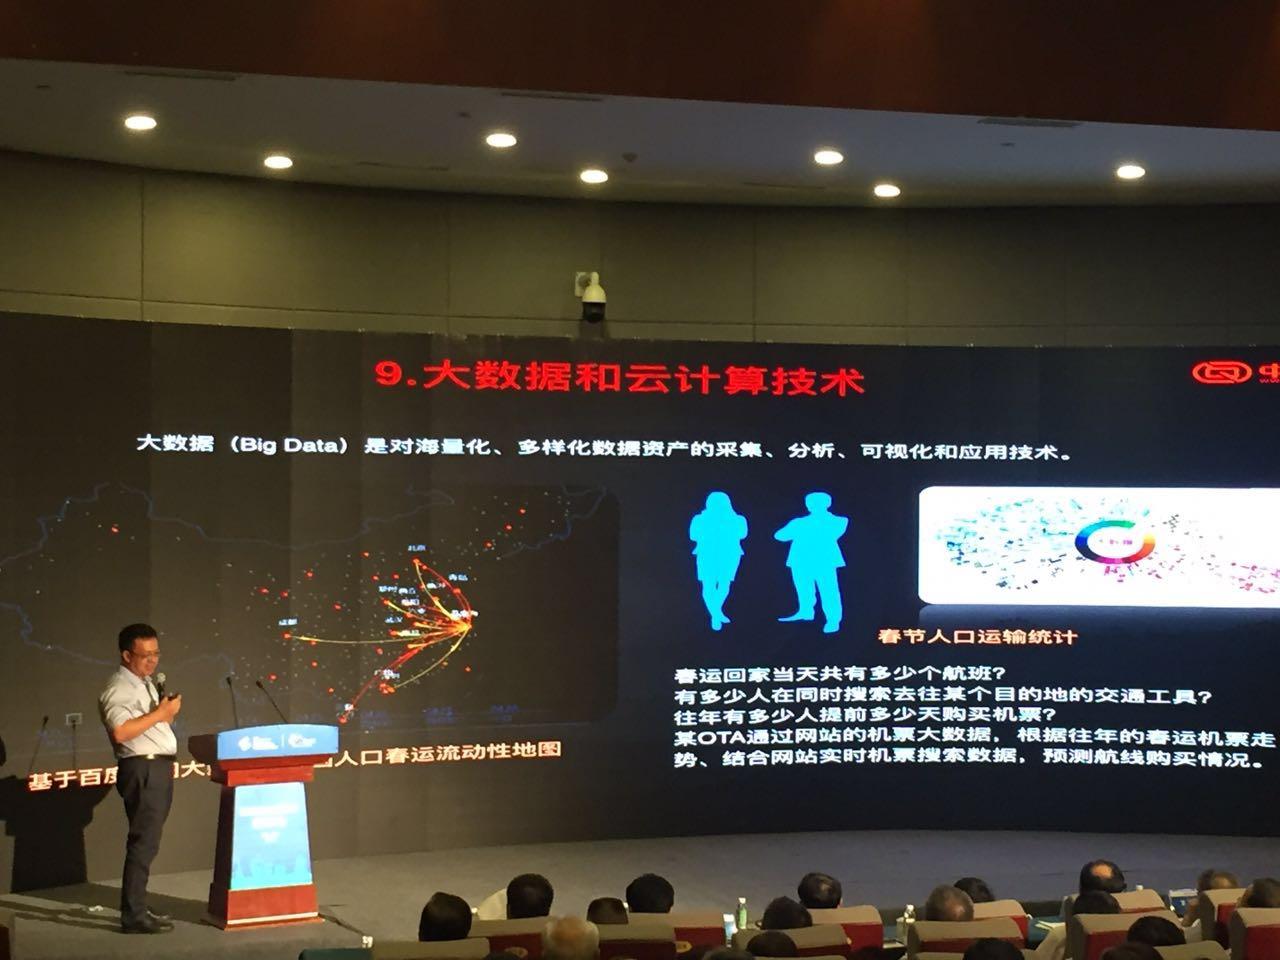 集团首席架构师蒋骏出席四川省旅游业新技术应用大会并解读新技术应用导则